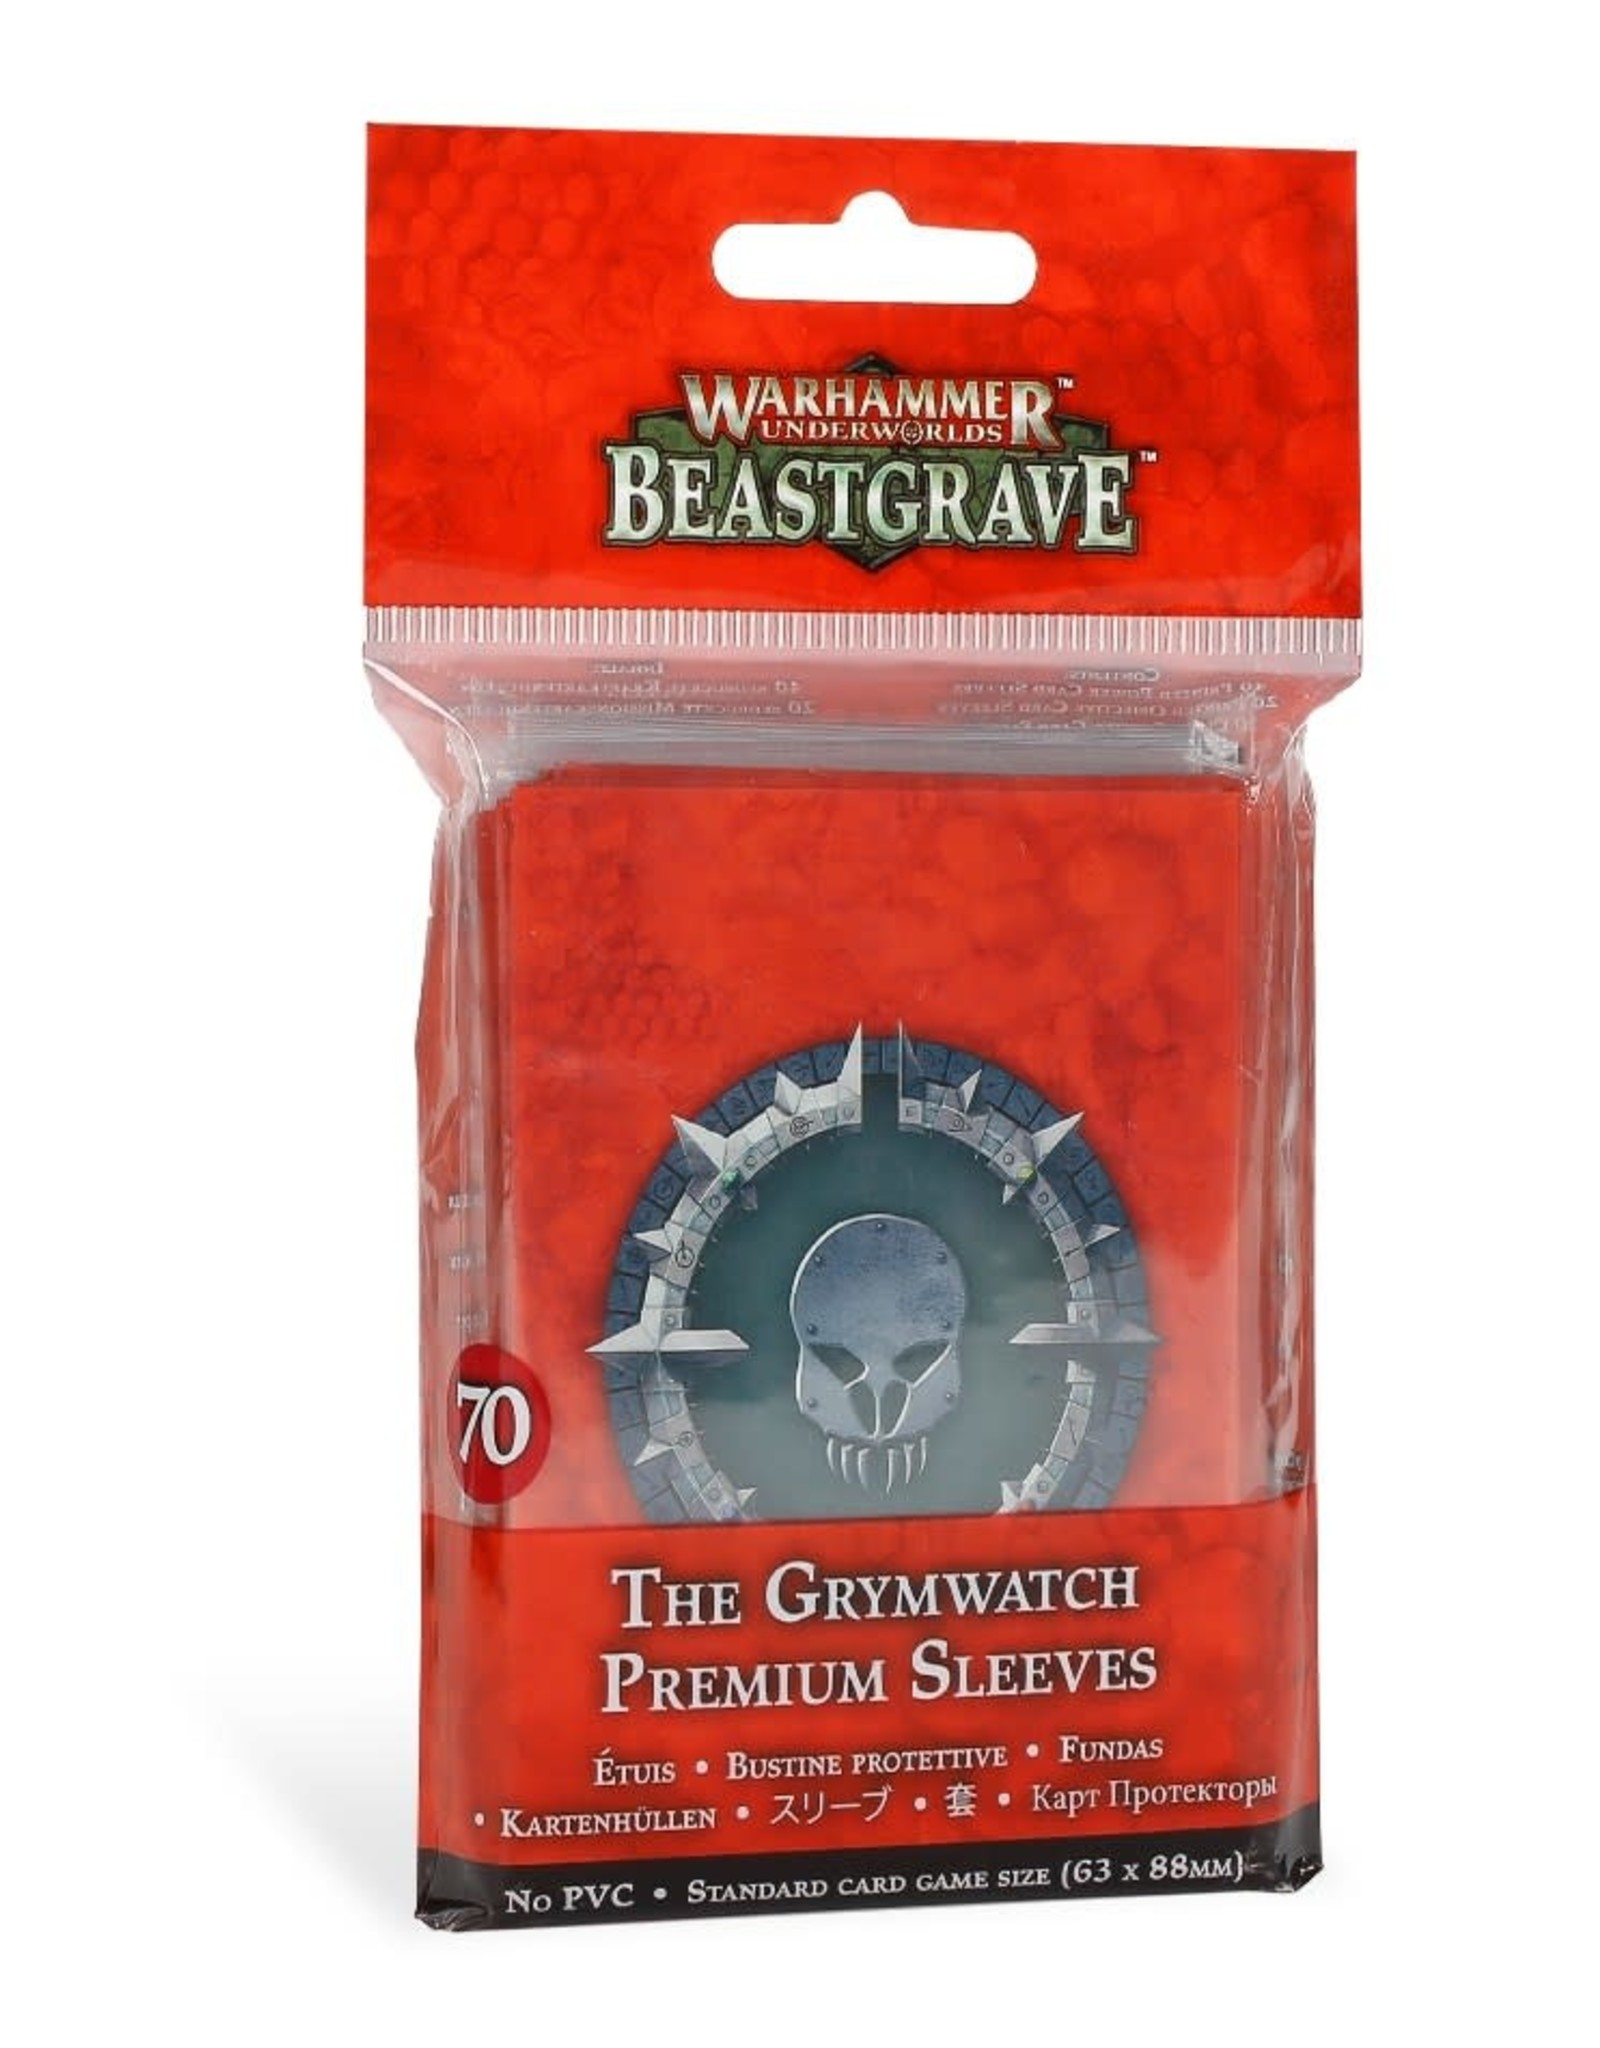 Warhammer Underworlds Warhammer Underworlds: The Grymwatch Premium Sleeves